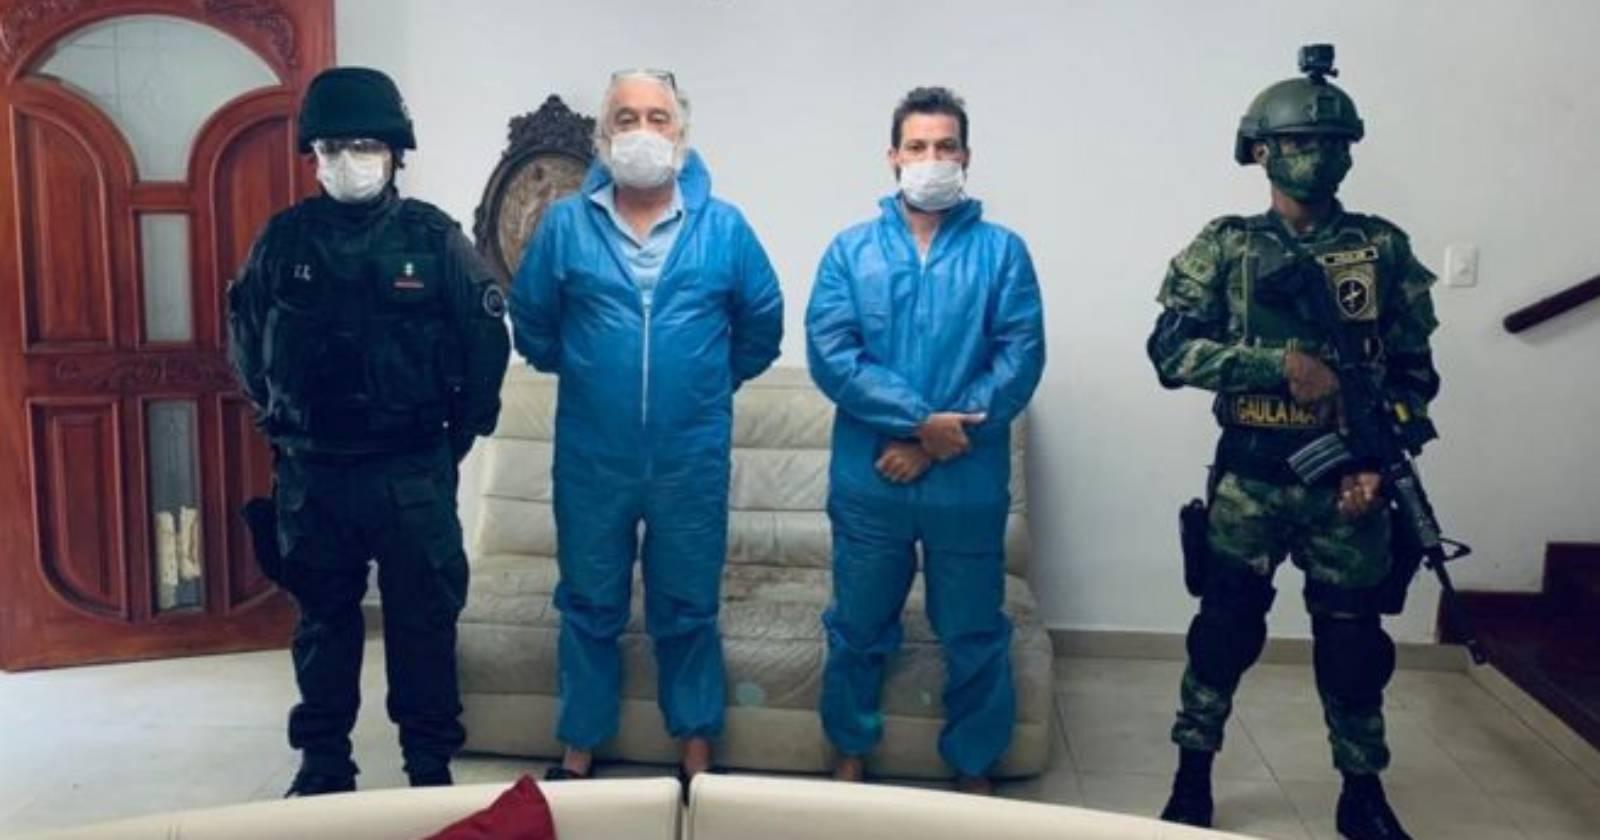 Mark Grenon, de 62 años, y su hijo Joseph, de 32, fueron detenidos en Colombia acusados de fabricar, promover y vender el producto tóxico de dióxido de cloro como